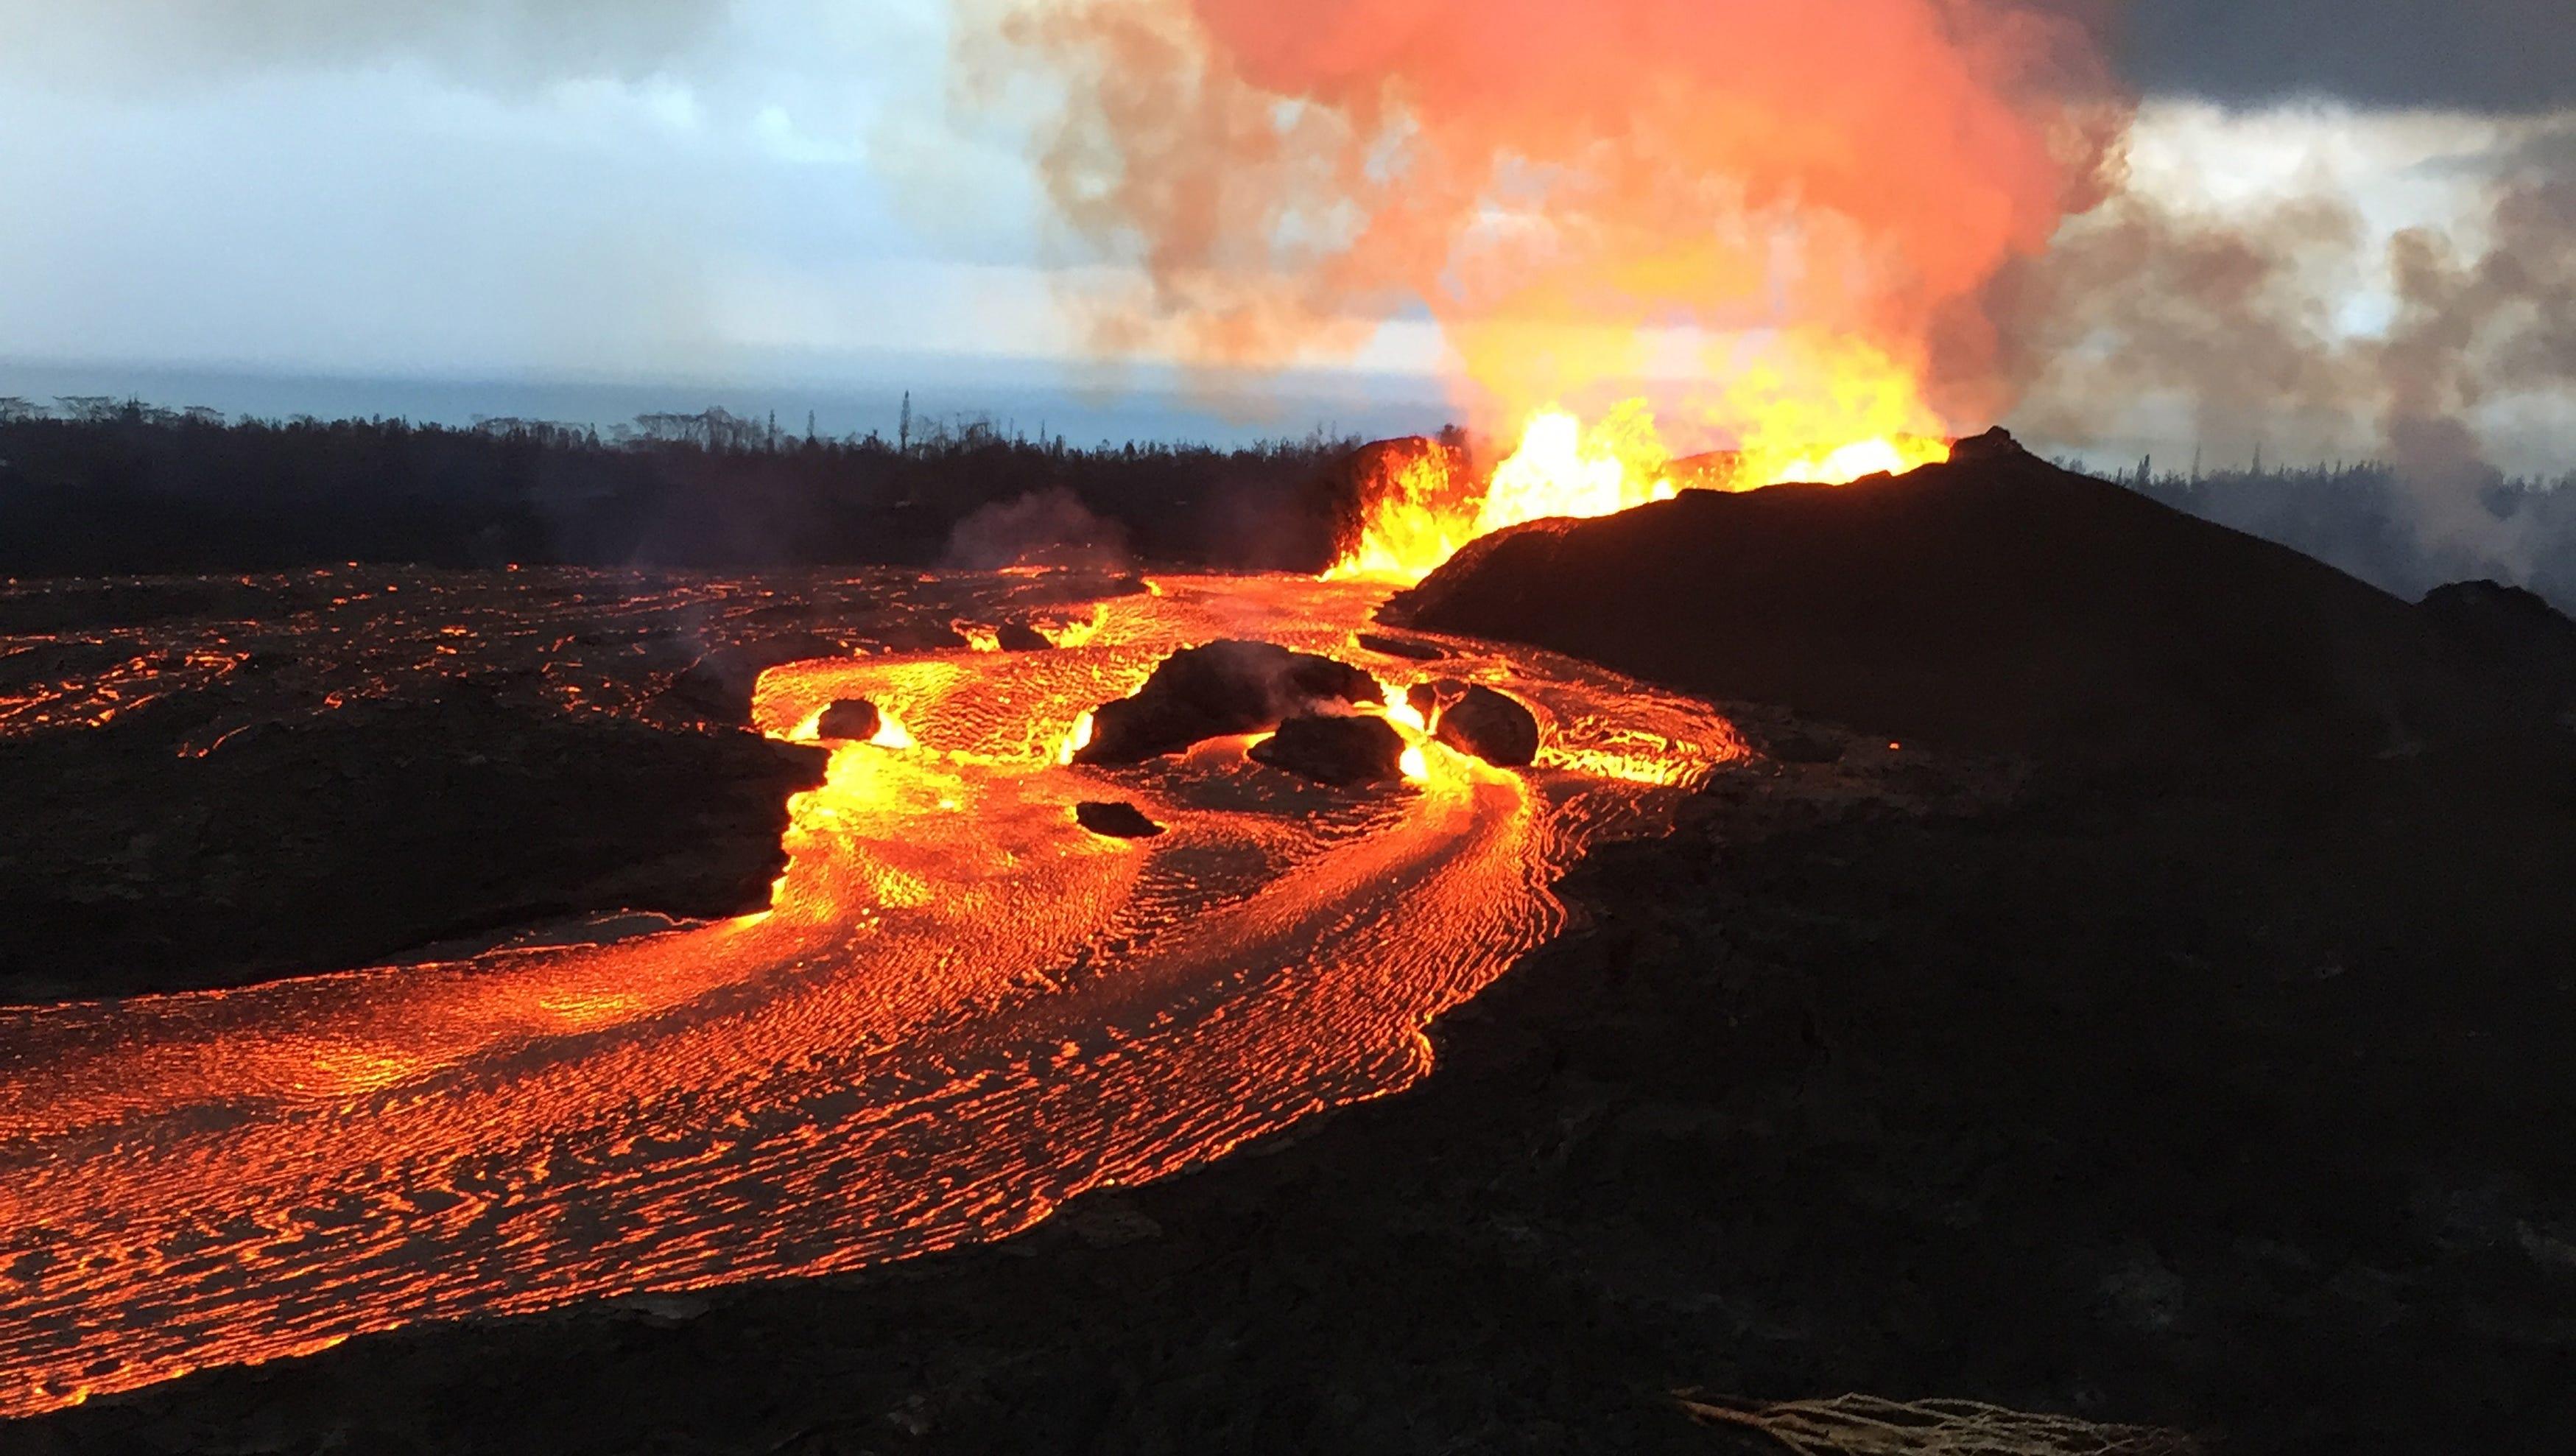 hawaii-kilauea-volcano-worlds-most-active-volcano-Duniya Ka Sabse सक्रिय ज्वालामुखी